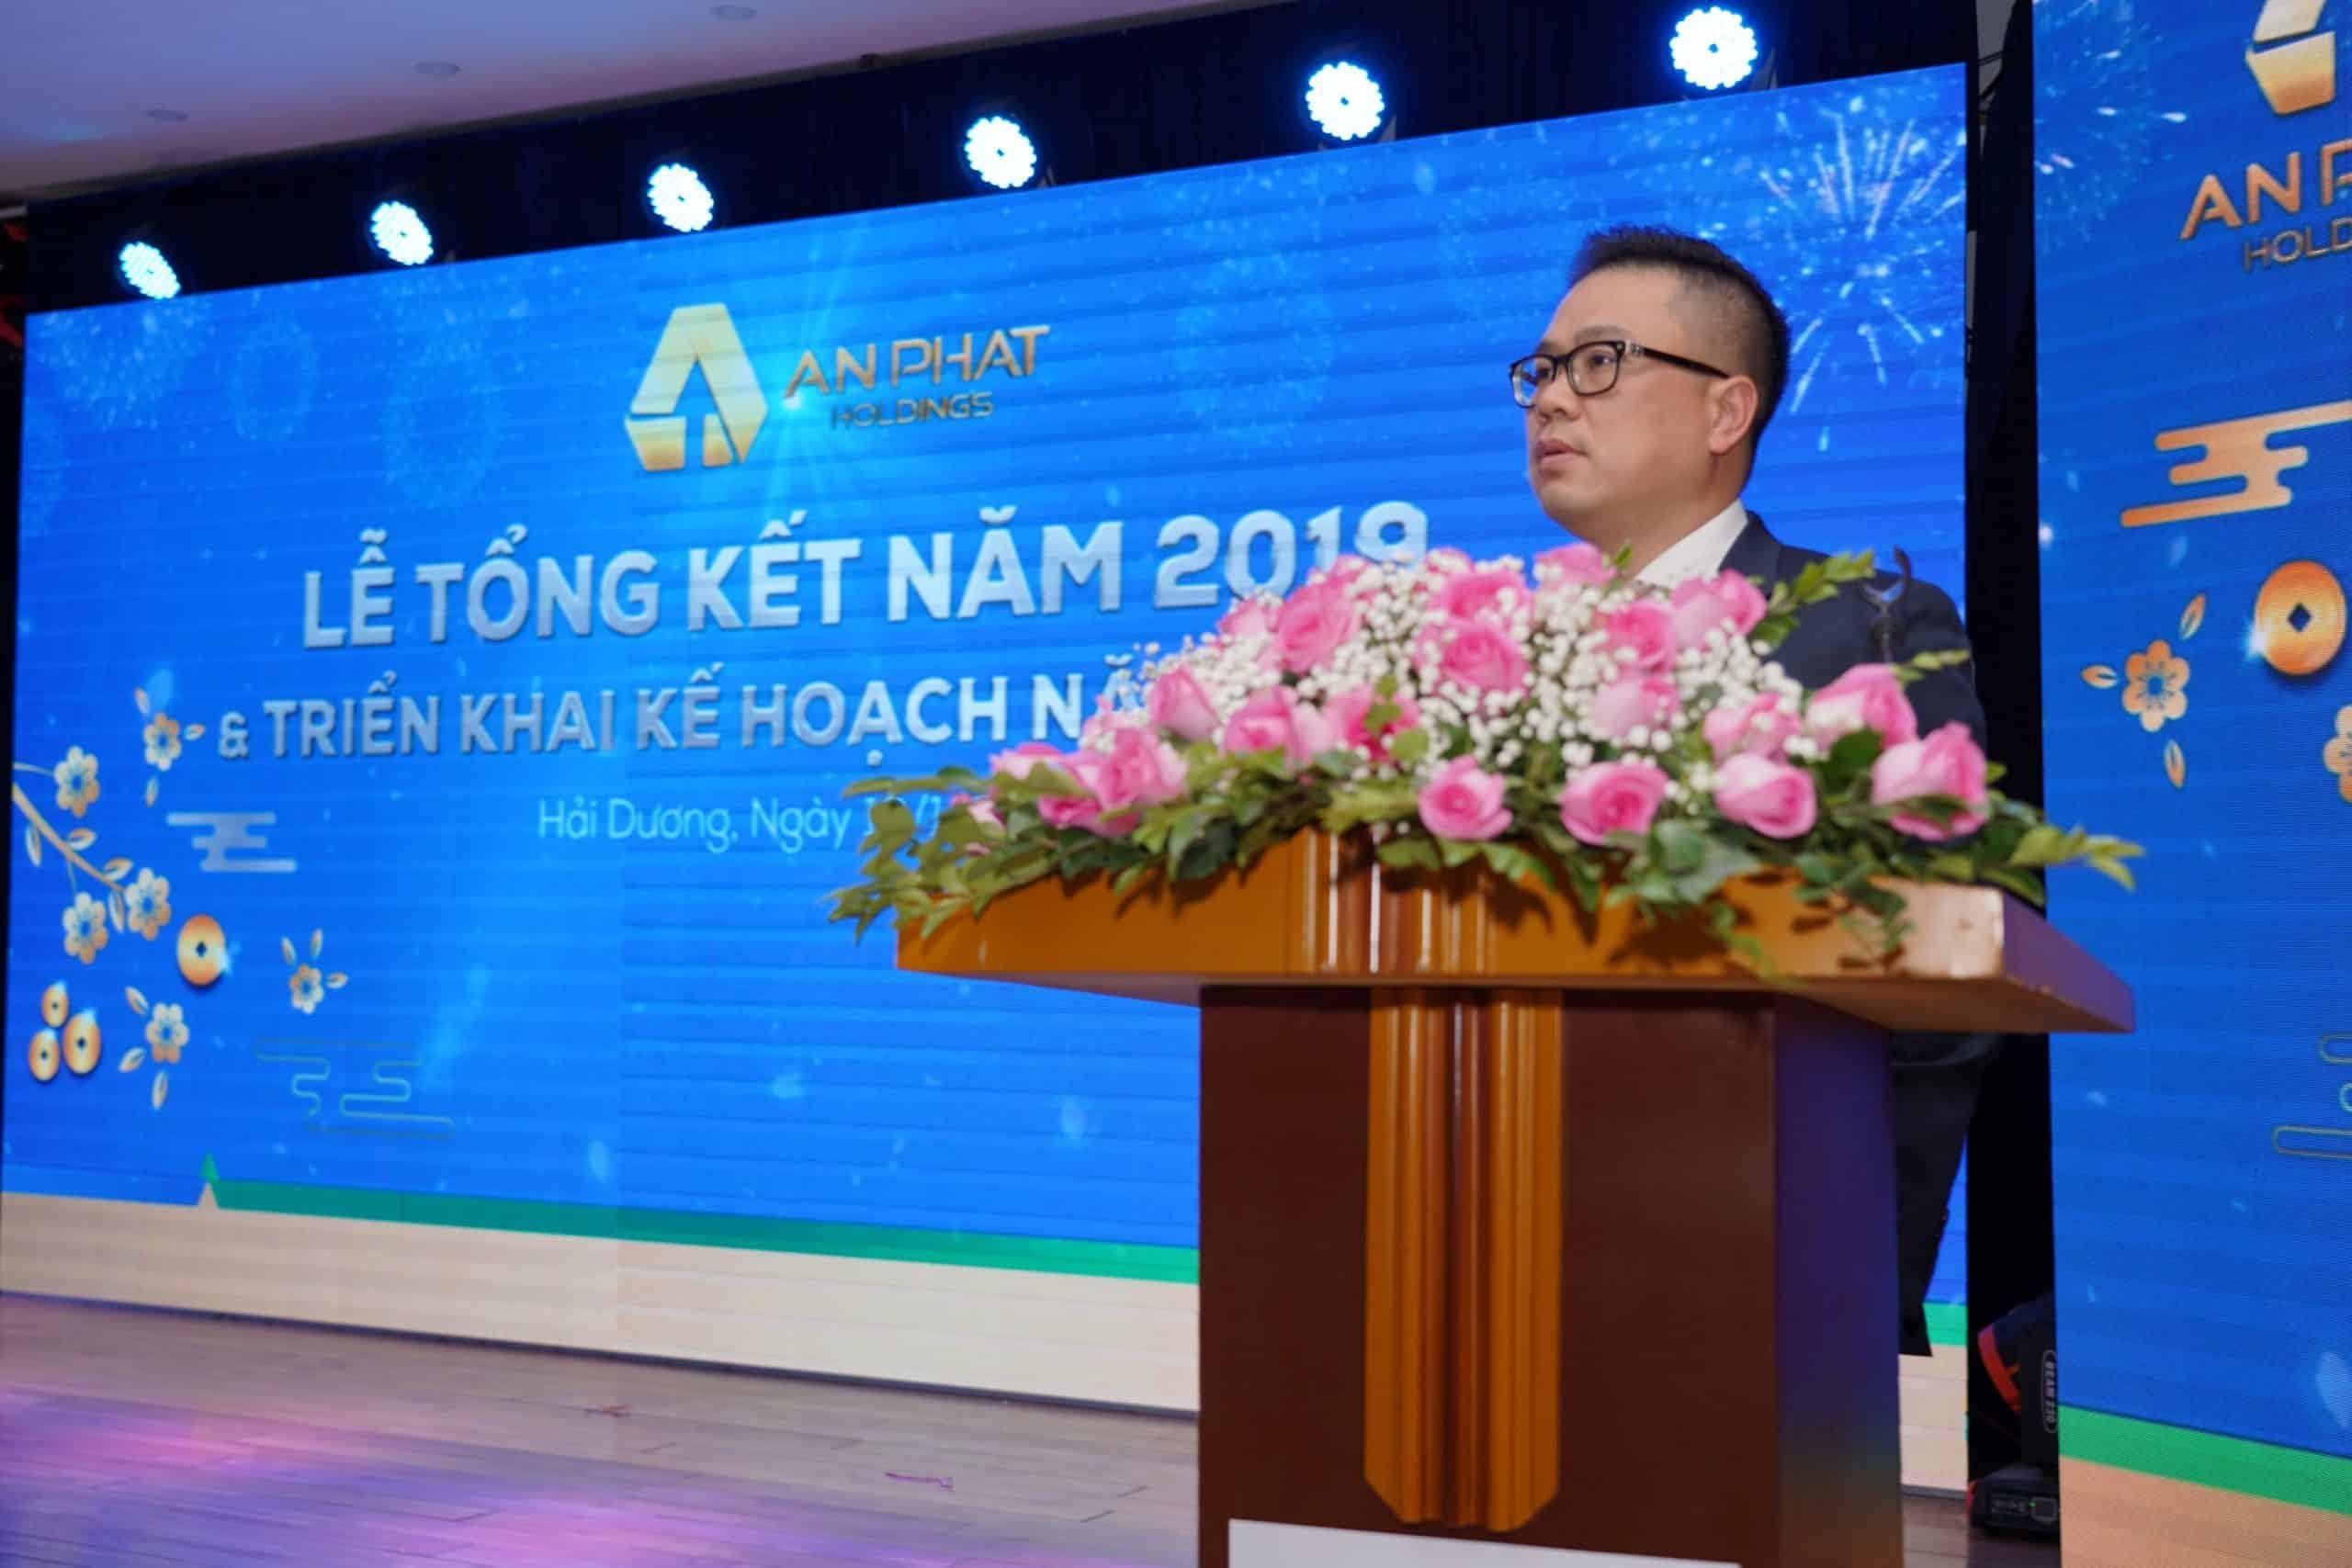 An Phát Holdings tổ chức Lễ Tổng kết năm 2019 và triển khai kế hoạch 2020